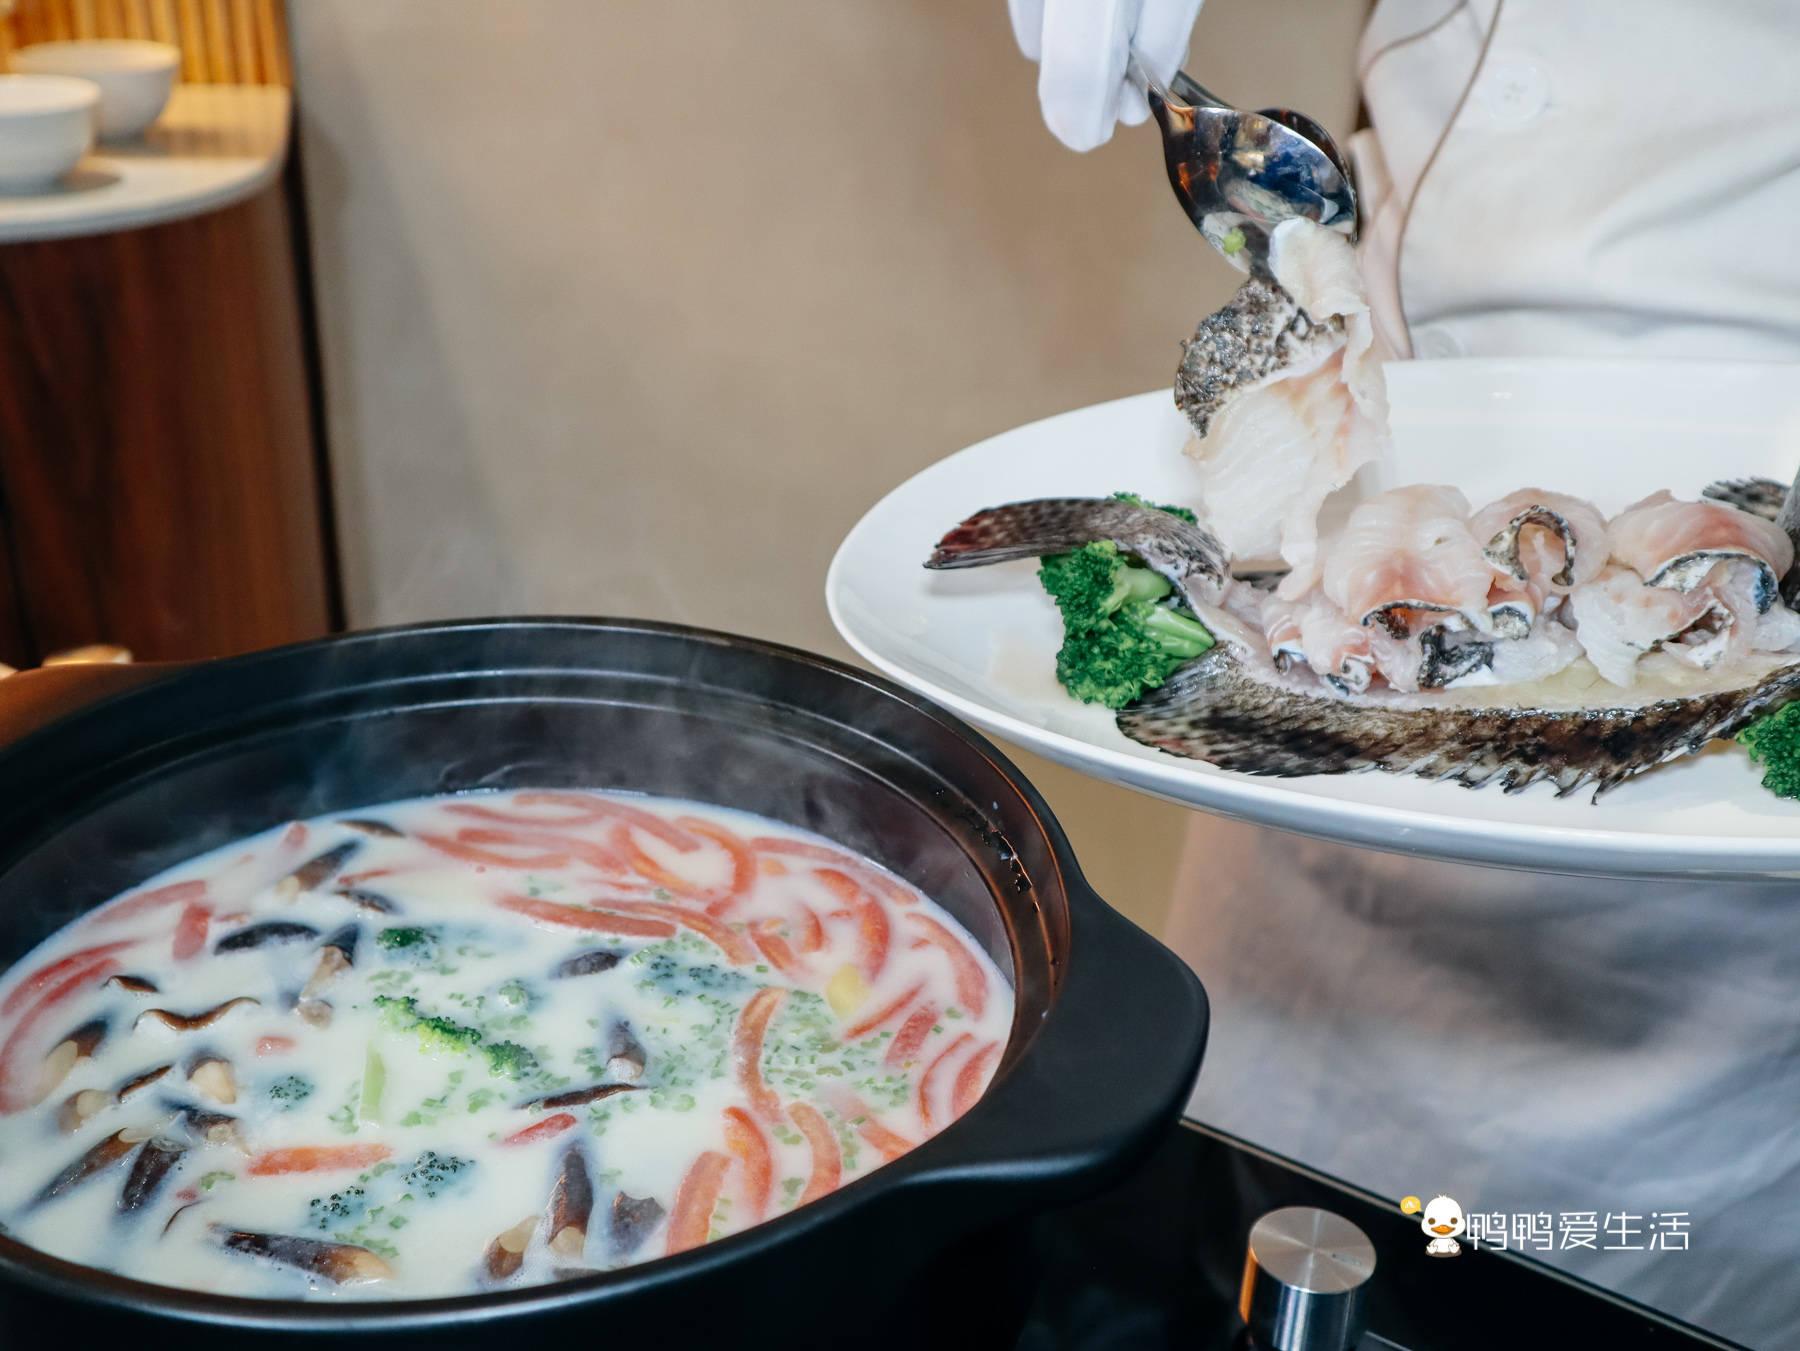 闽菜大师带你走进味蕾上的福建,羊肚菌内有乾坤,沙茶做出高级感